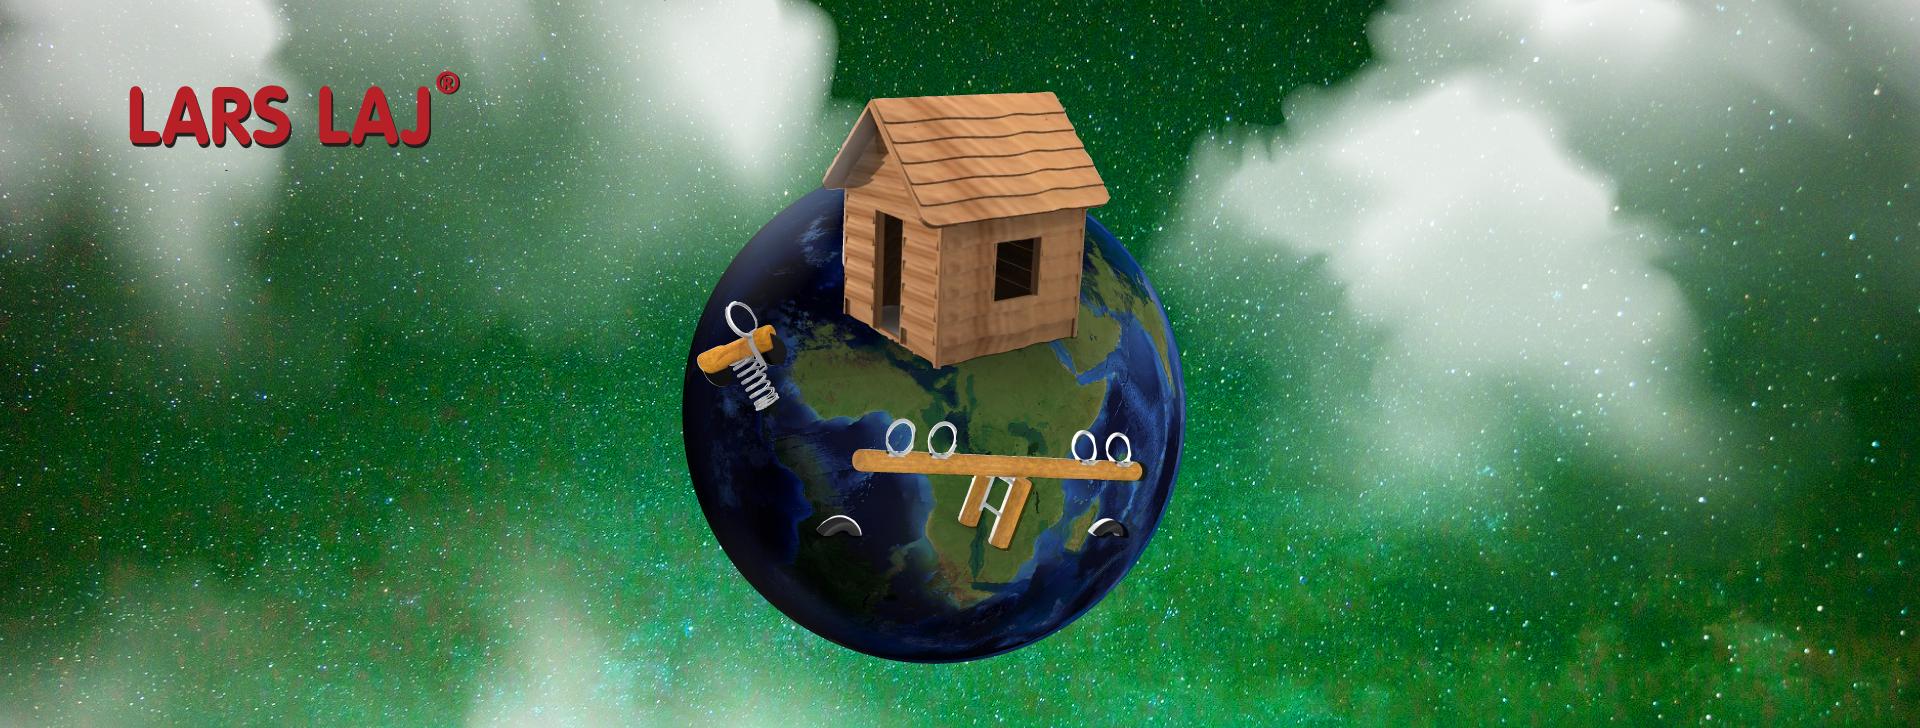 Voimme huolehtia maapallosta joka päivä!